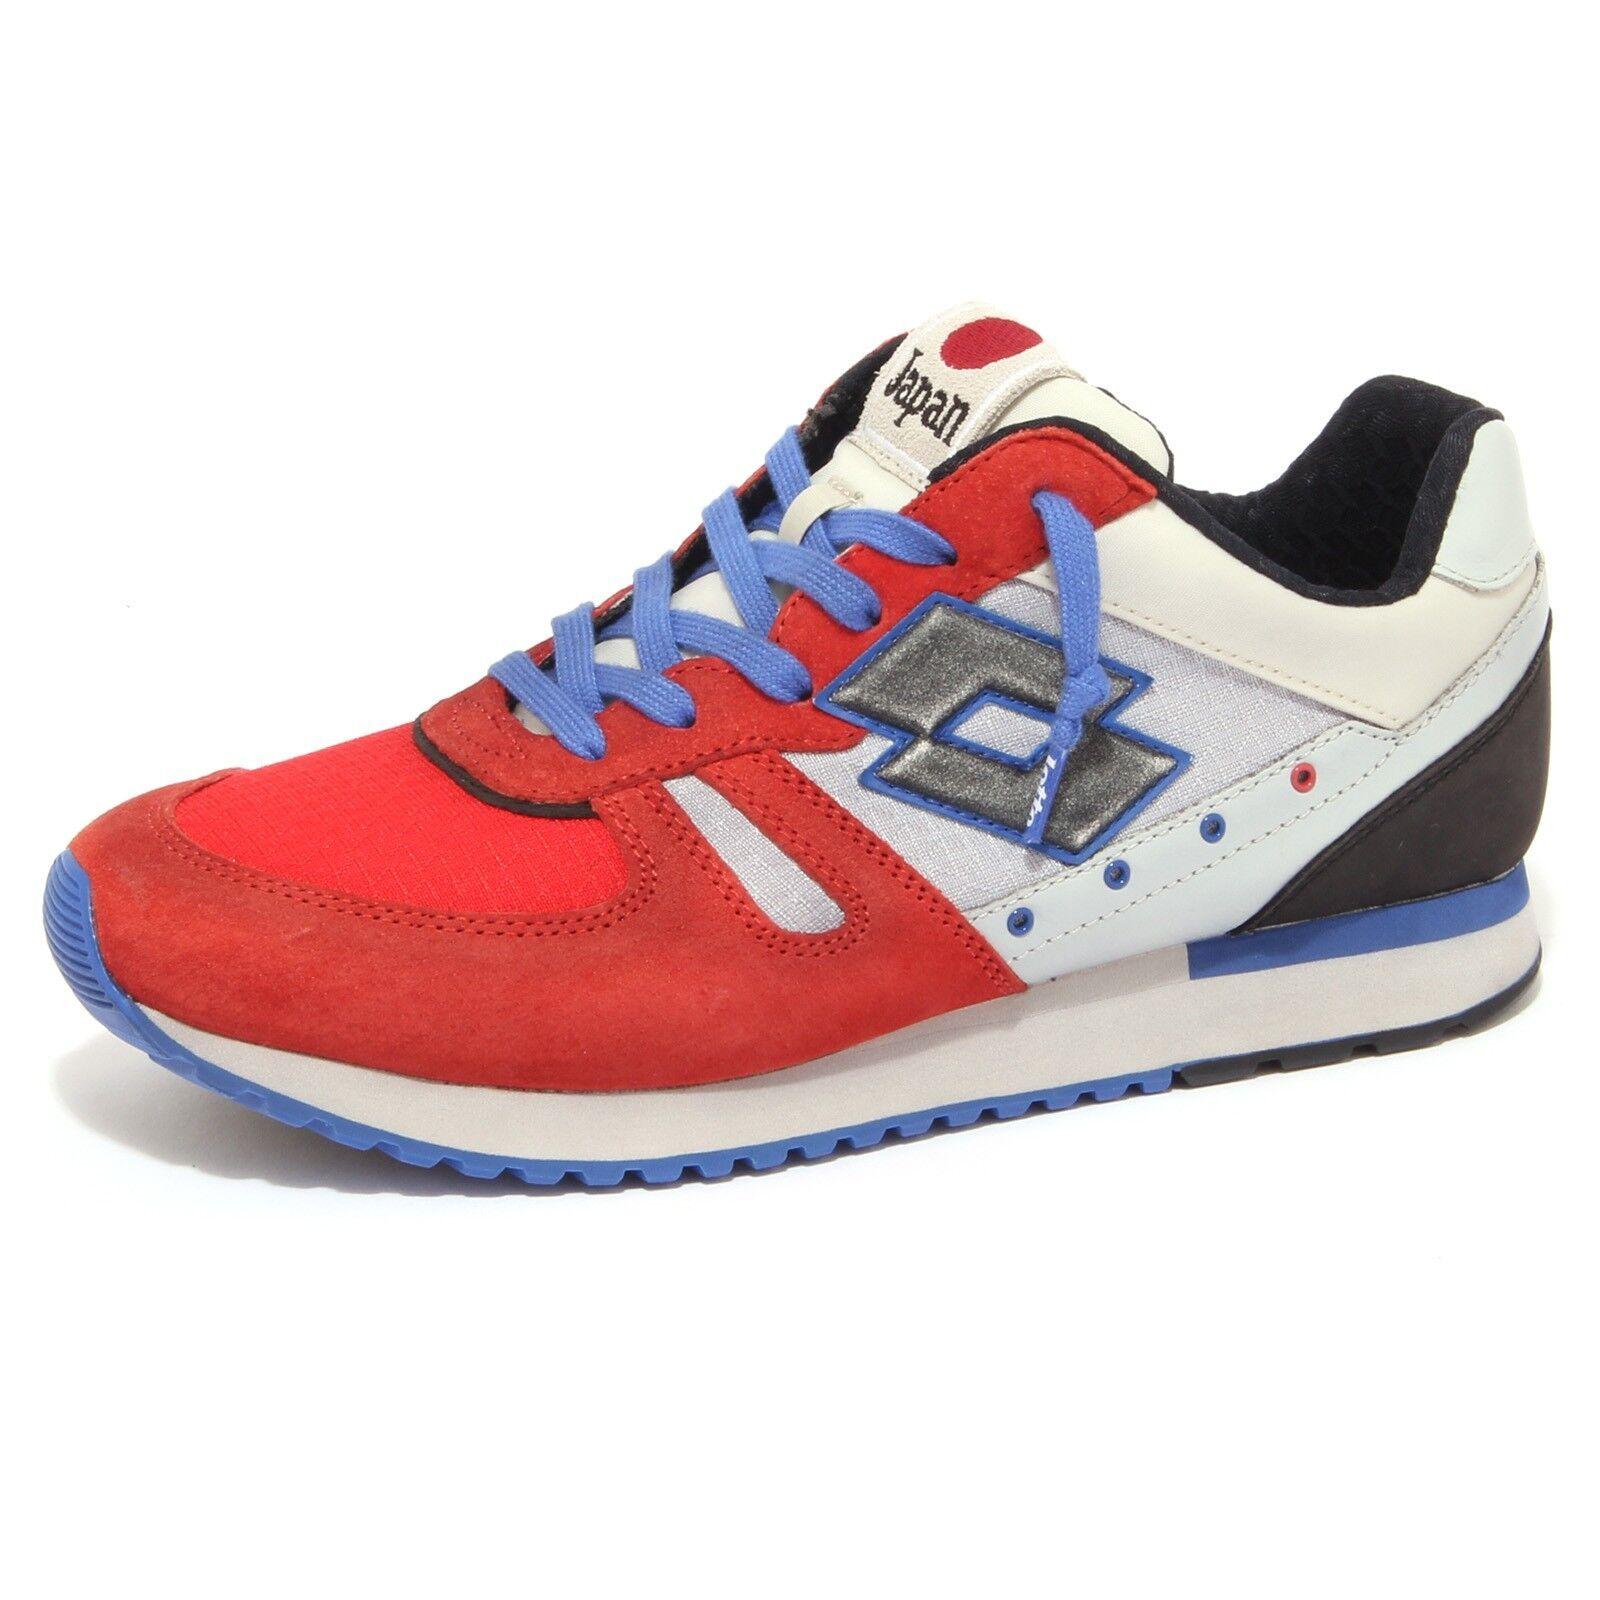 9120P sneaker SHIBUYA uomo LOTTO LEGGENDA TOKYO SHIBUYA sneaker rosso/grigio/blu/nero shoe men 0cda33